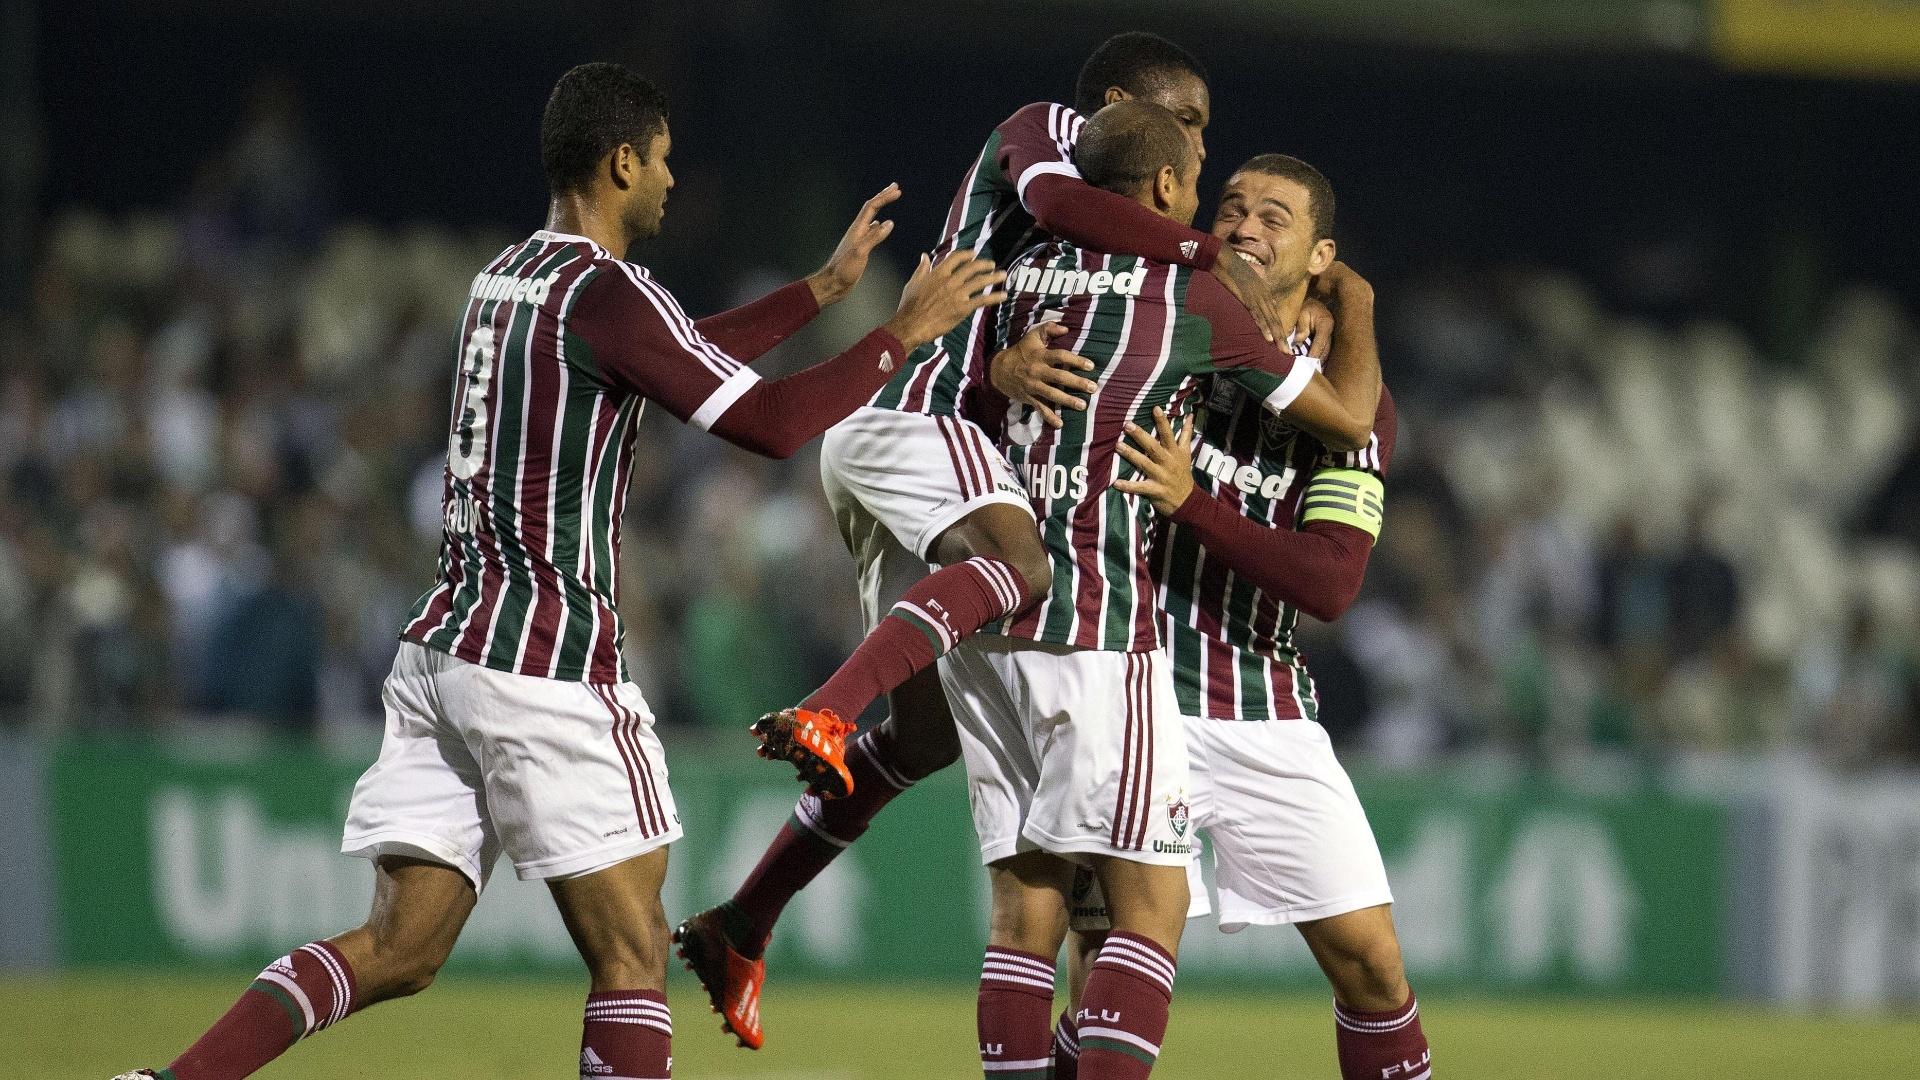 06.06.13 - Jogadores do Fluminense comemoram gol do time carioca contra o Coritiba pelo Brasileirão